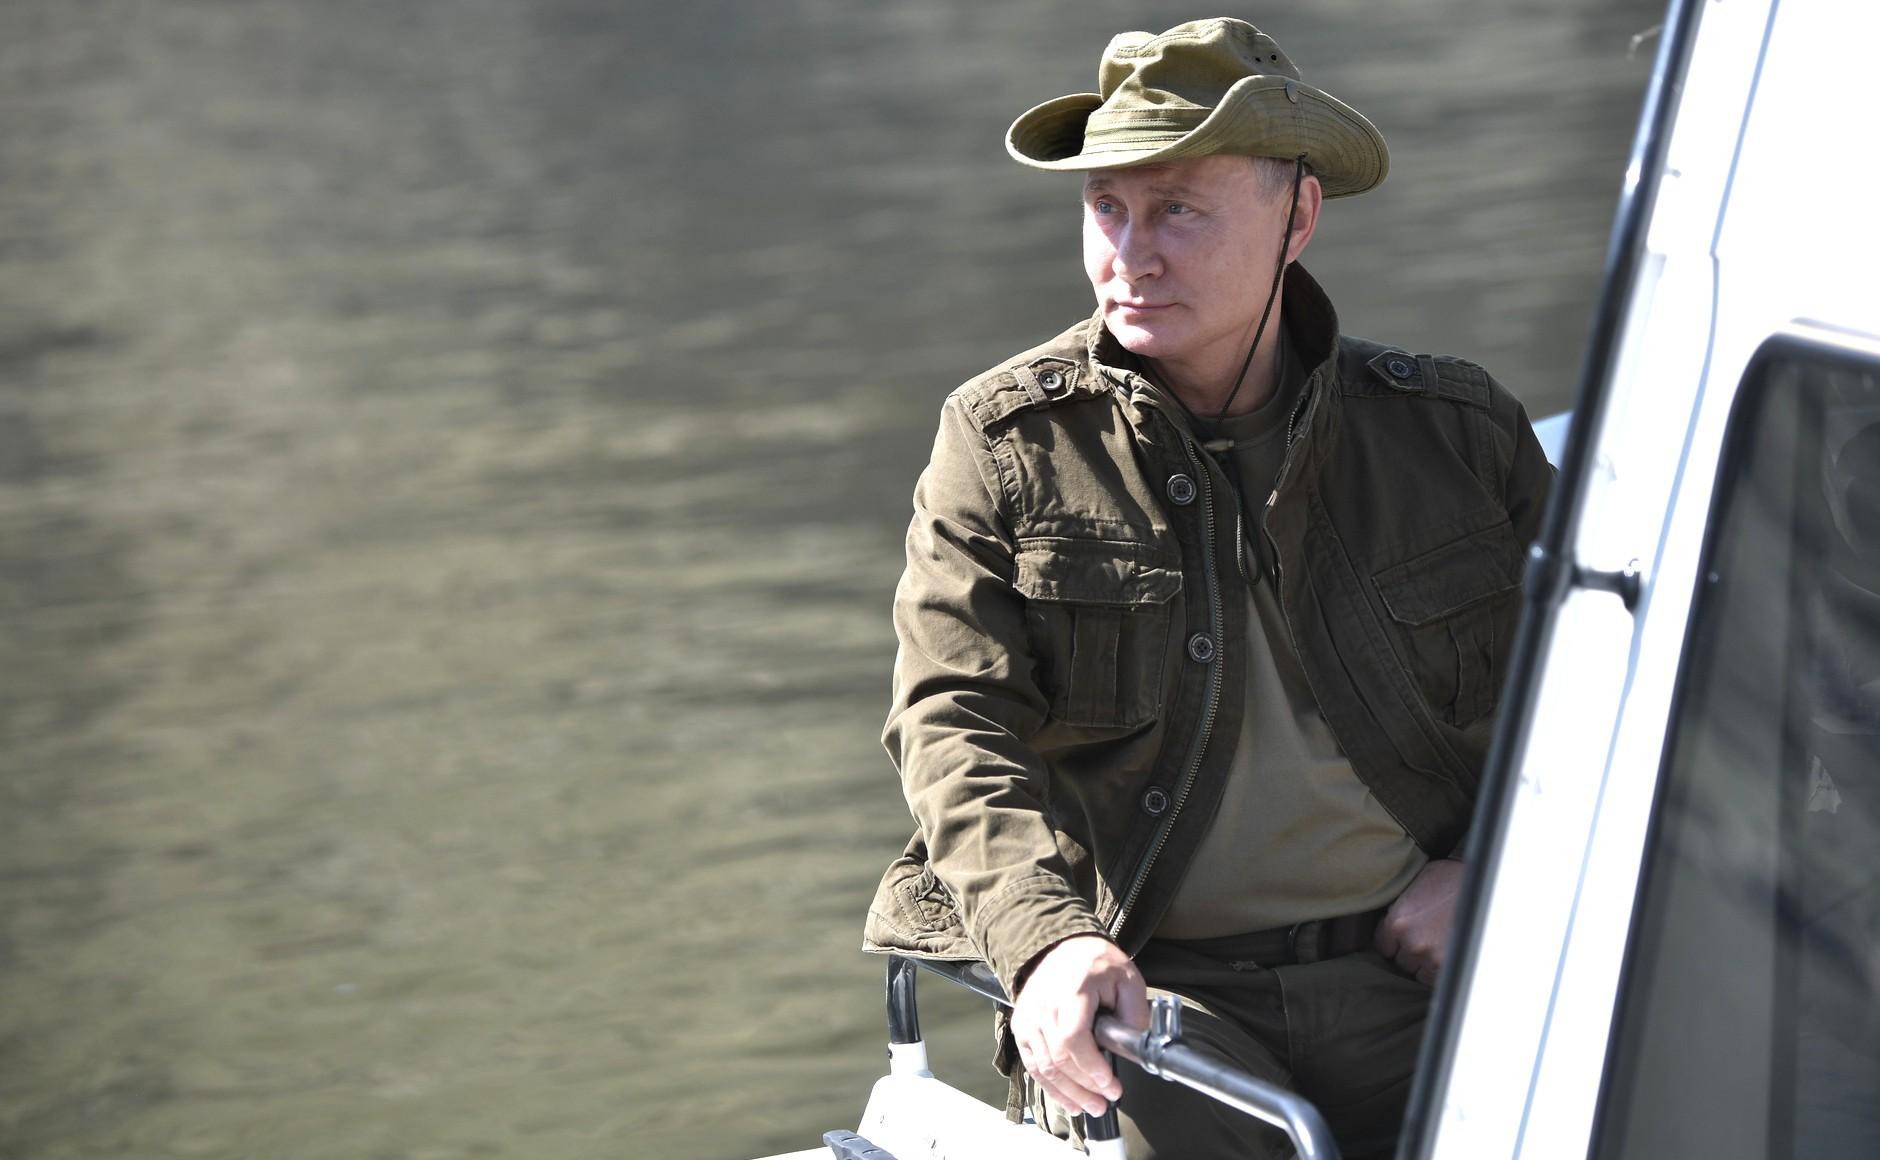 ВЦИОМ начал по-новому измерять рейтинг Путина